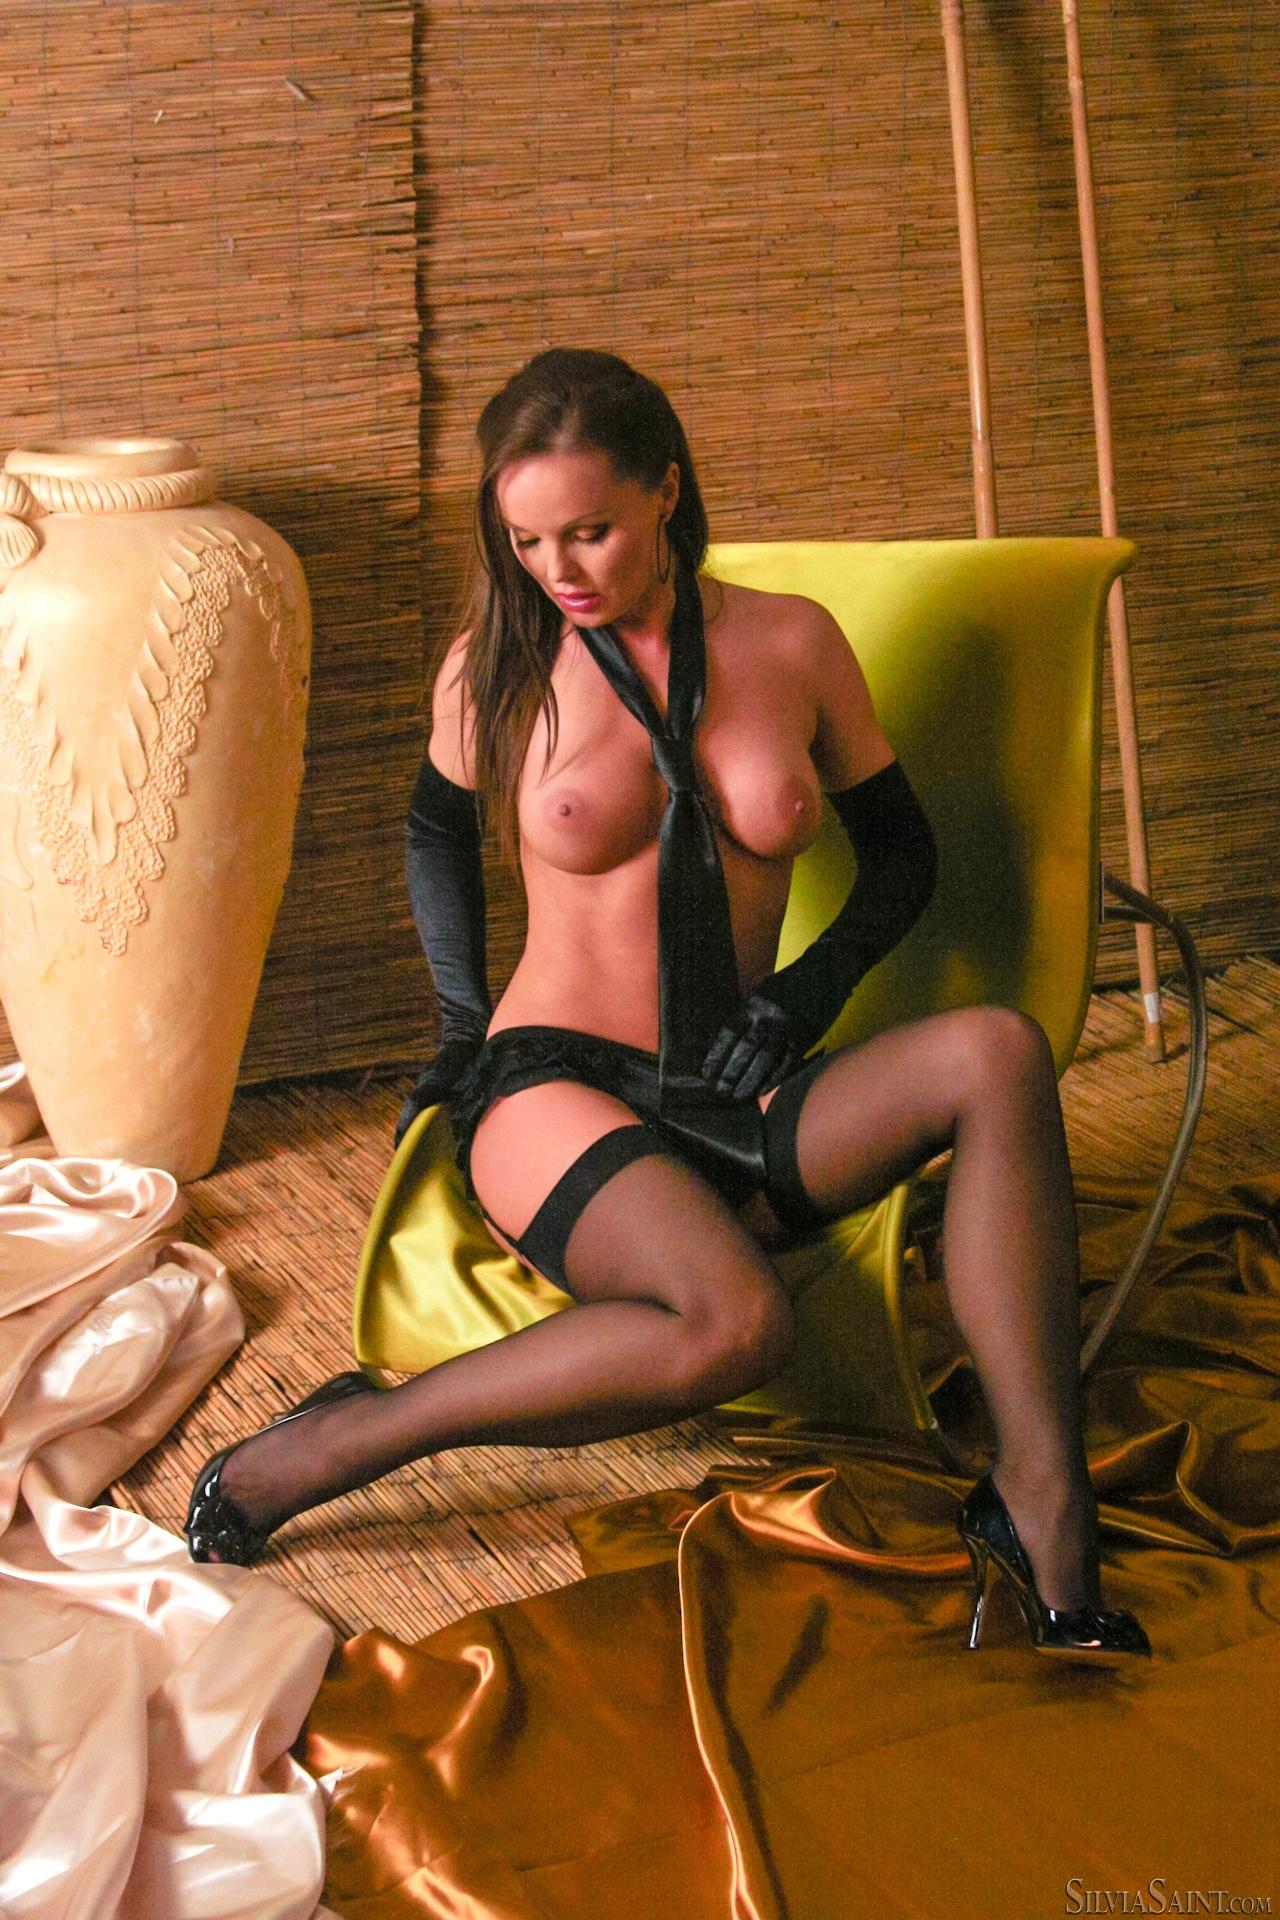 Сильвия сайнт сайт порно галерея 20 фотография